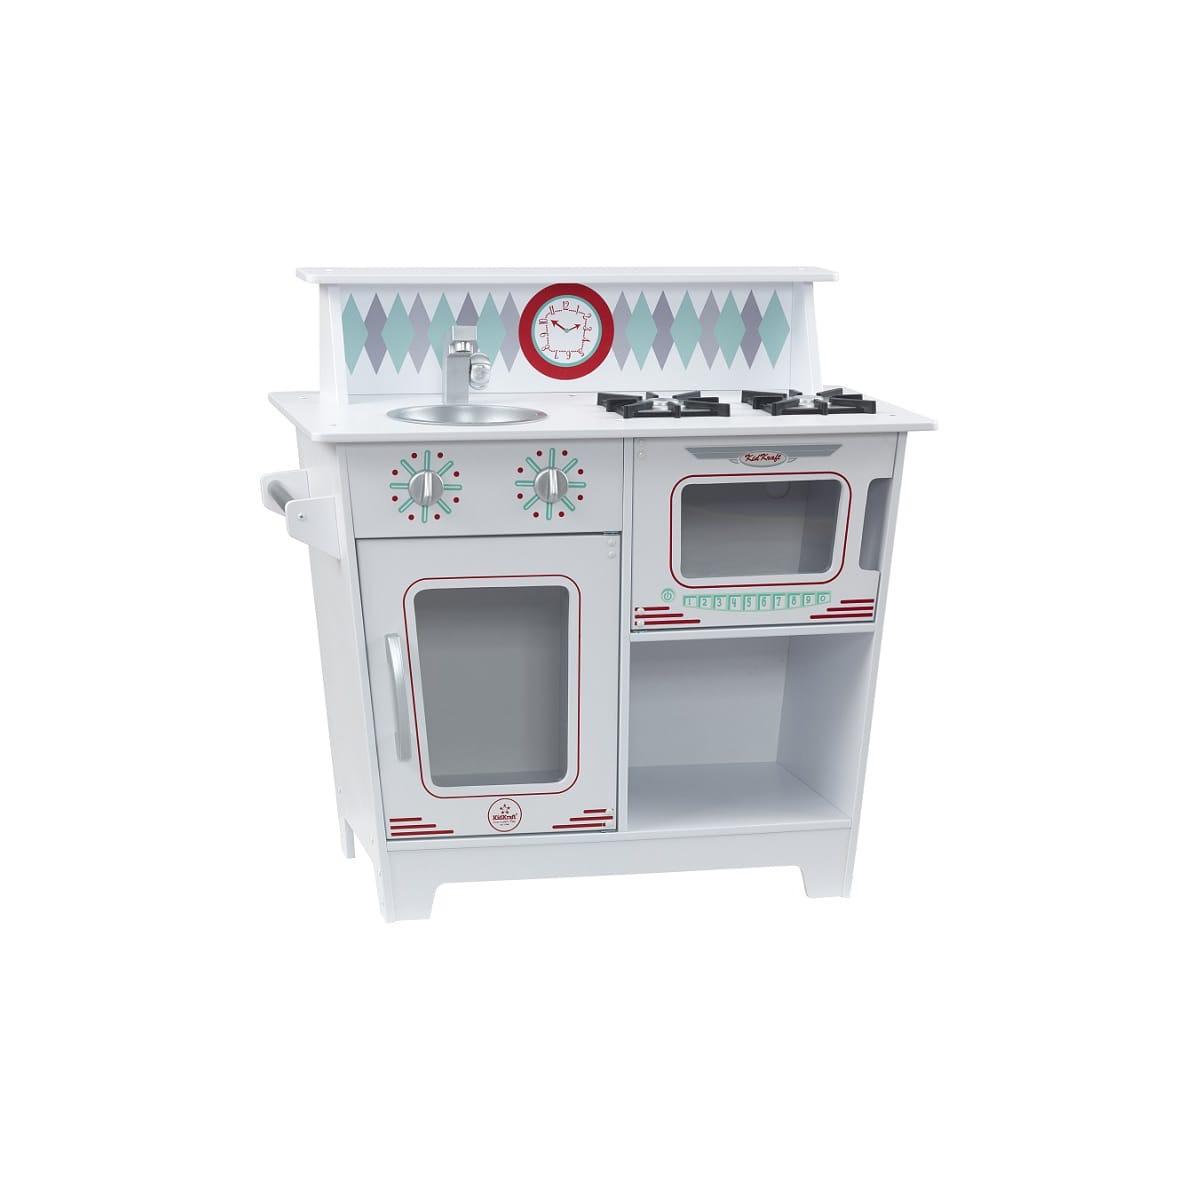 jouet d 39 imitation kidcraft petite cuisine enfant blanche classique en bois 67 x 36 x 65 cm. Black Bedroom Furniture Sets. Home Design Ideas